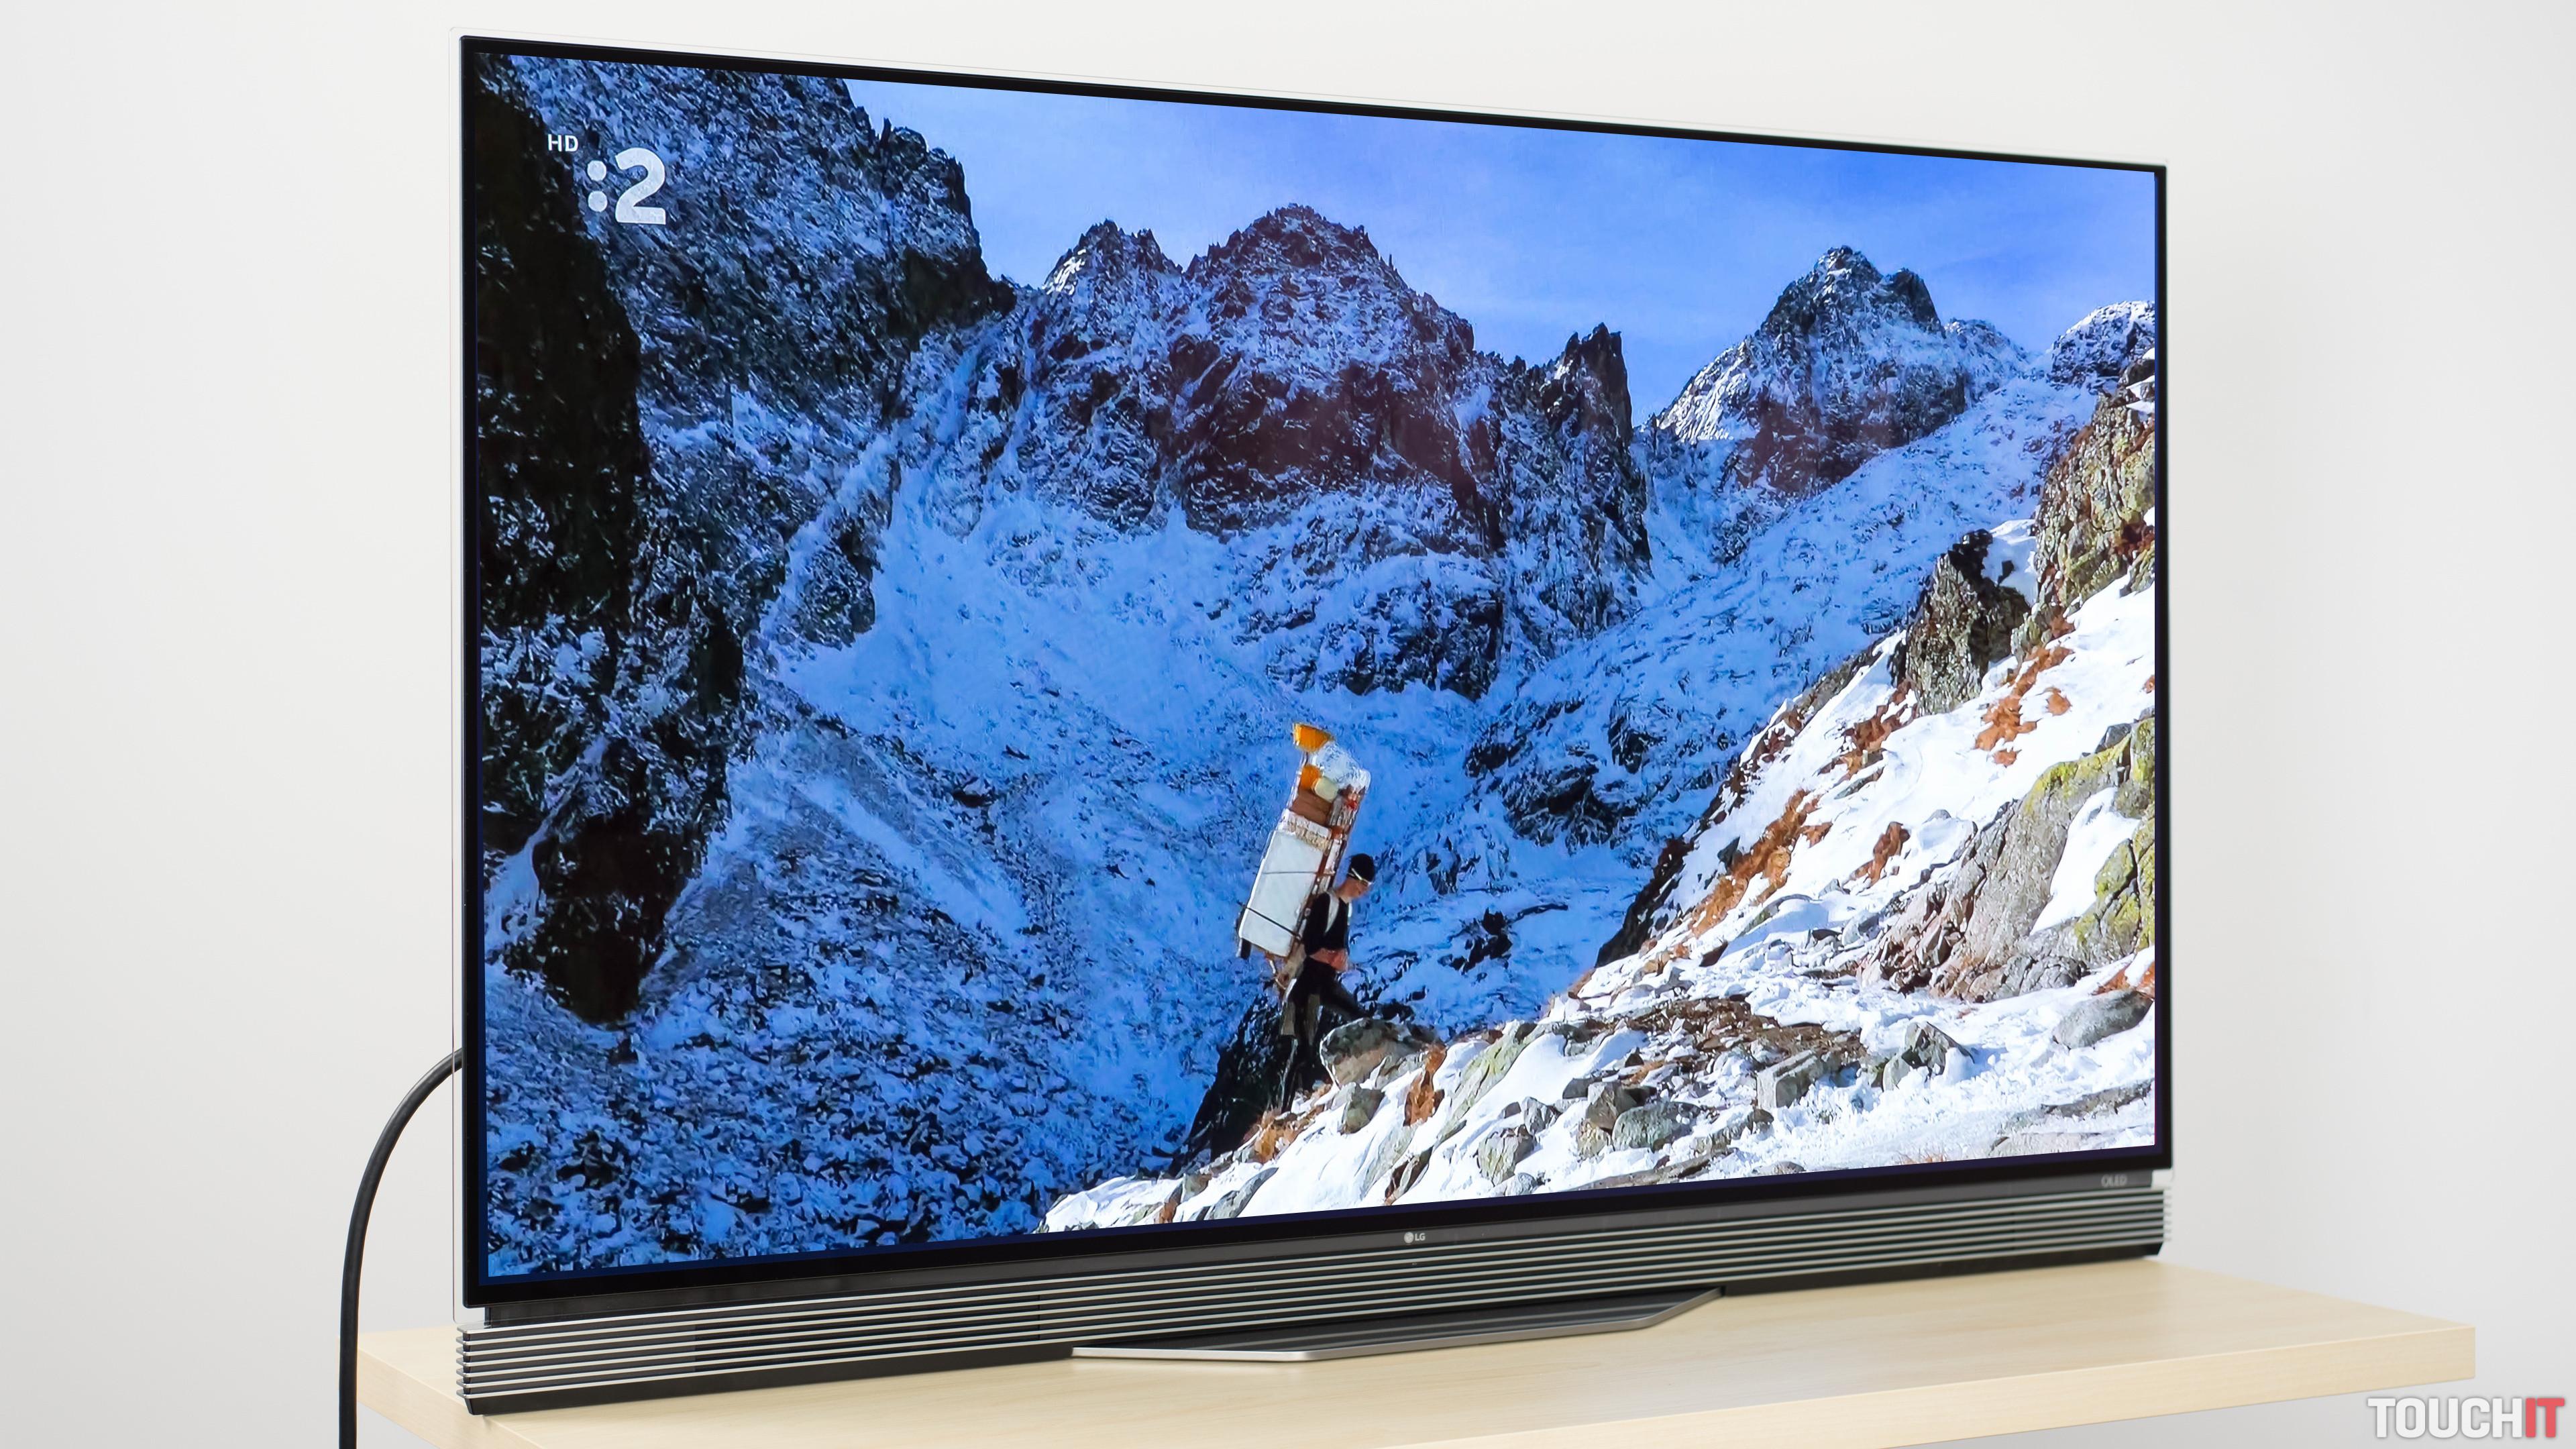 cc0ef5545 Cez Vianoce sme mali kvalitný televízny zážitok. Testovali sme OLED  televízor, ktorý poskytuje super kvalitu obrazu. Za rok 2016 to bol z  hľadiska kvality ...